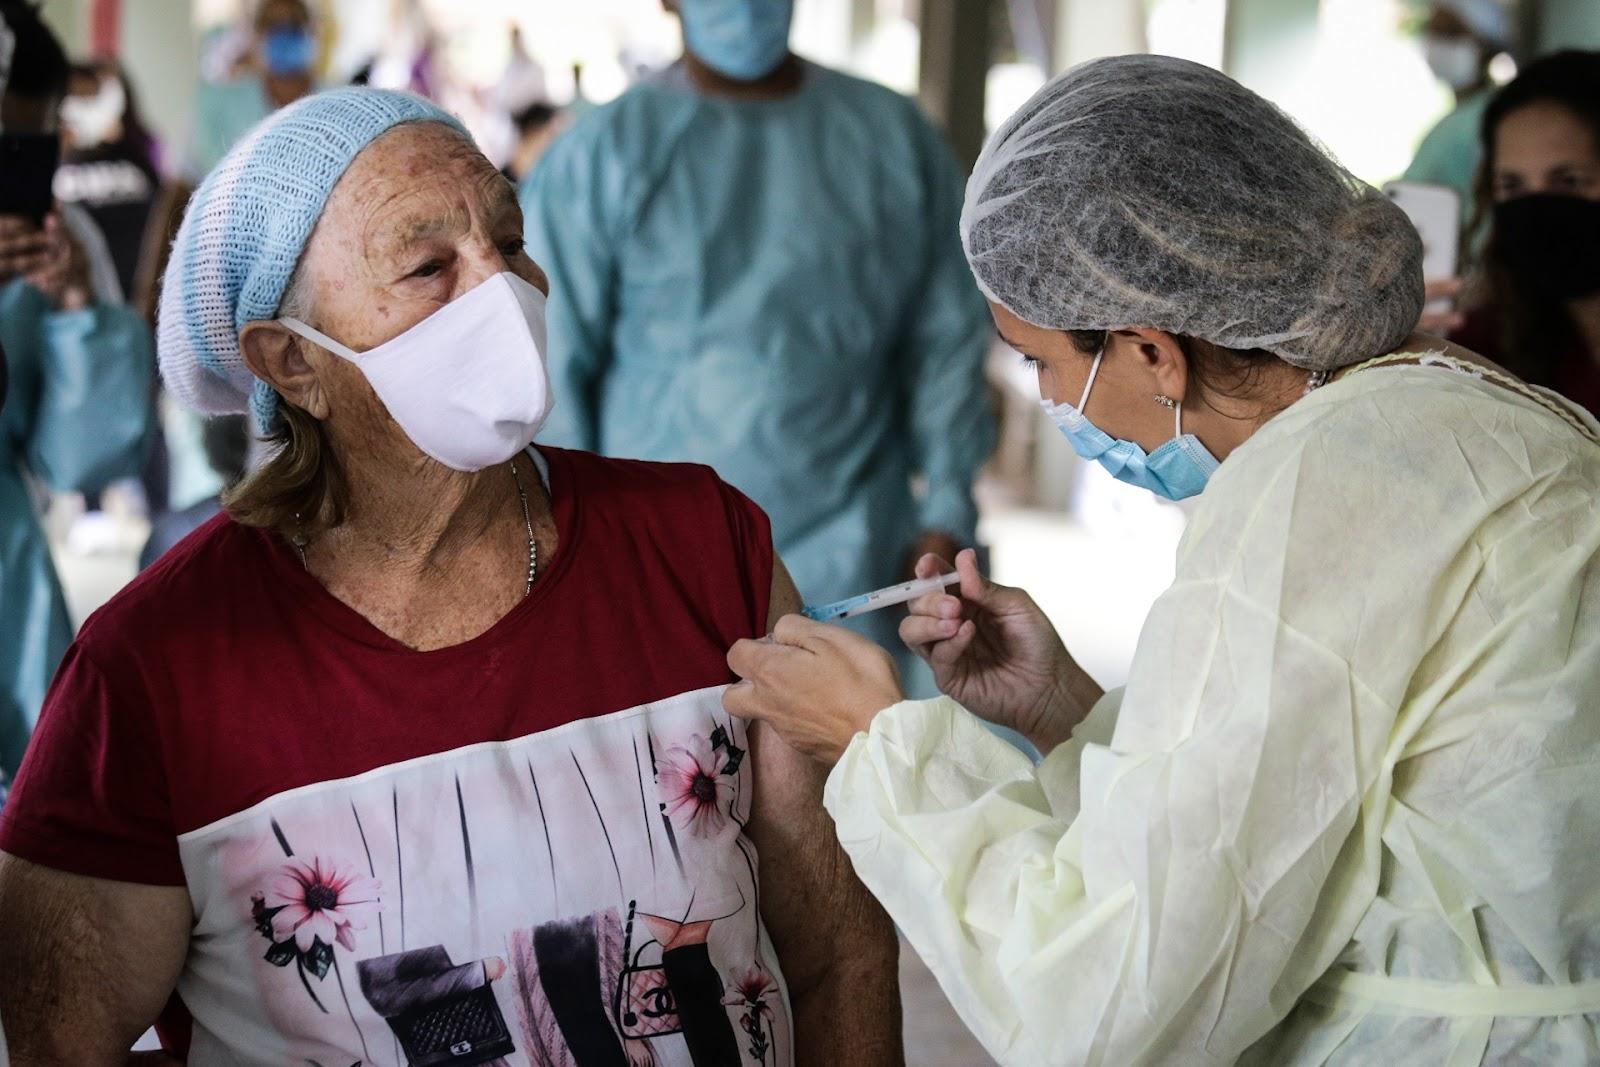 Idosos moradores de asilos estão no grupo prioritário de vacinação. (Fonte: Agência Brasília/Breno Esaki/Reprodução)